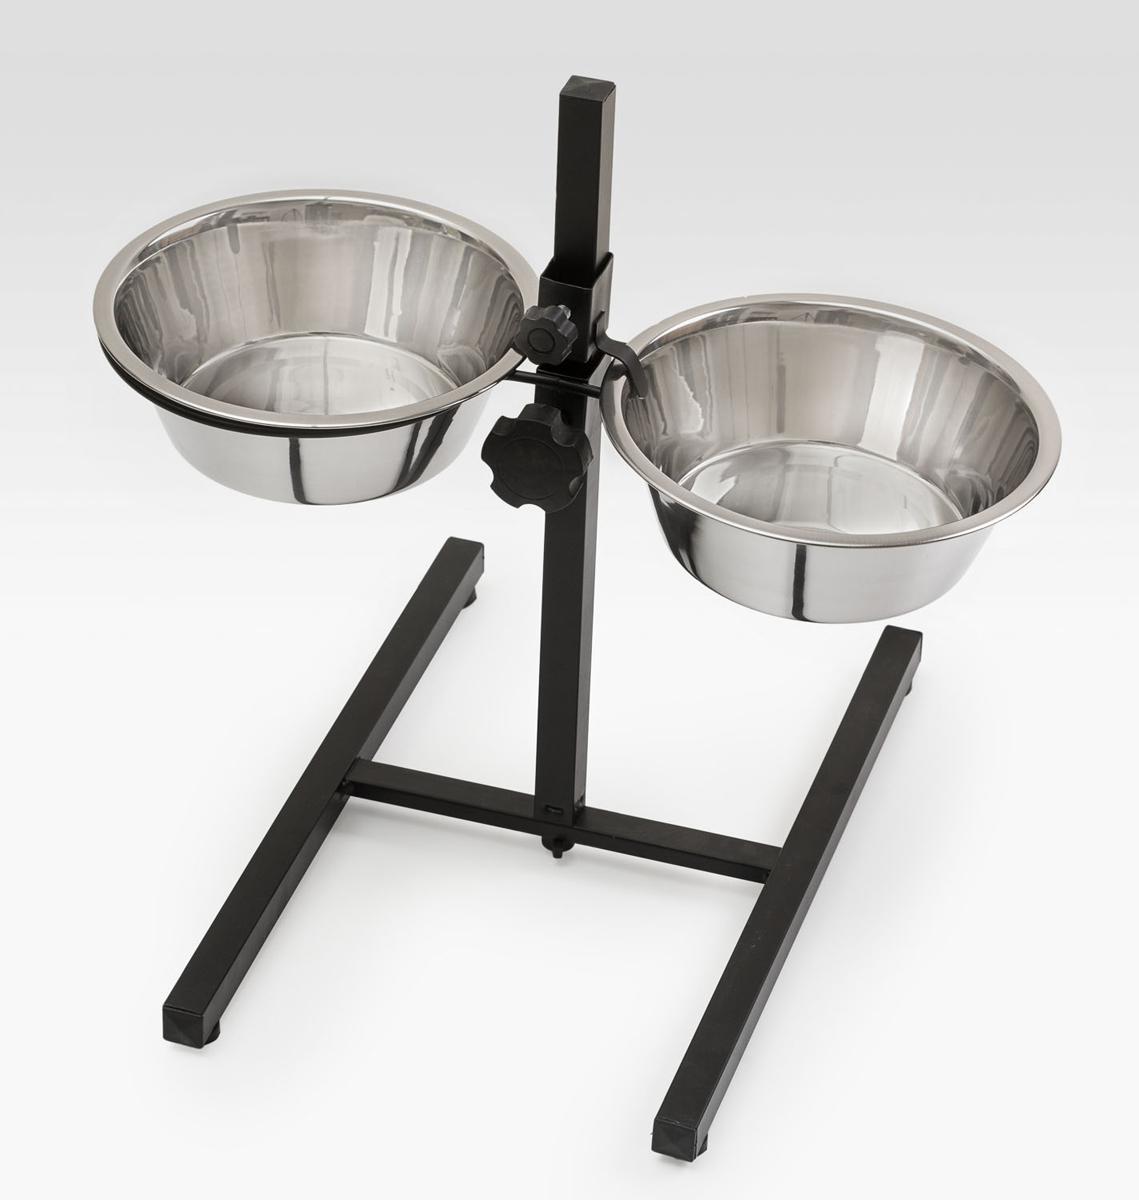 Миска для собак VM Double Diner, двойная, с телескопической подставкой, 2 х 0,75 л3165Двойная миска VM Double Diner - это функциональный аксессуар для собак. Изделия выполнены из высококачественного металла. Разборная телескопическая подставка позволяет регулировать оптимальный уровень миски по росту питомца, способствуя правильному развитию скелета, осанки и улучшению пищеварения. Миски легко моются. Ваш любимец будет доволен!Высота подставки: 27,5 см.